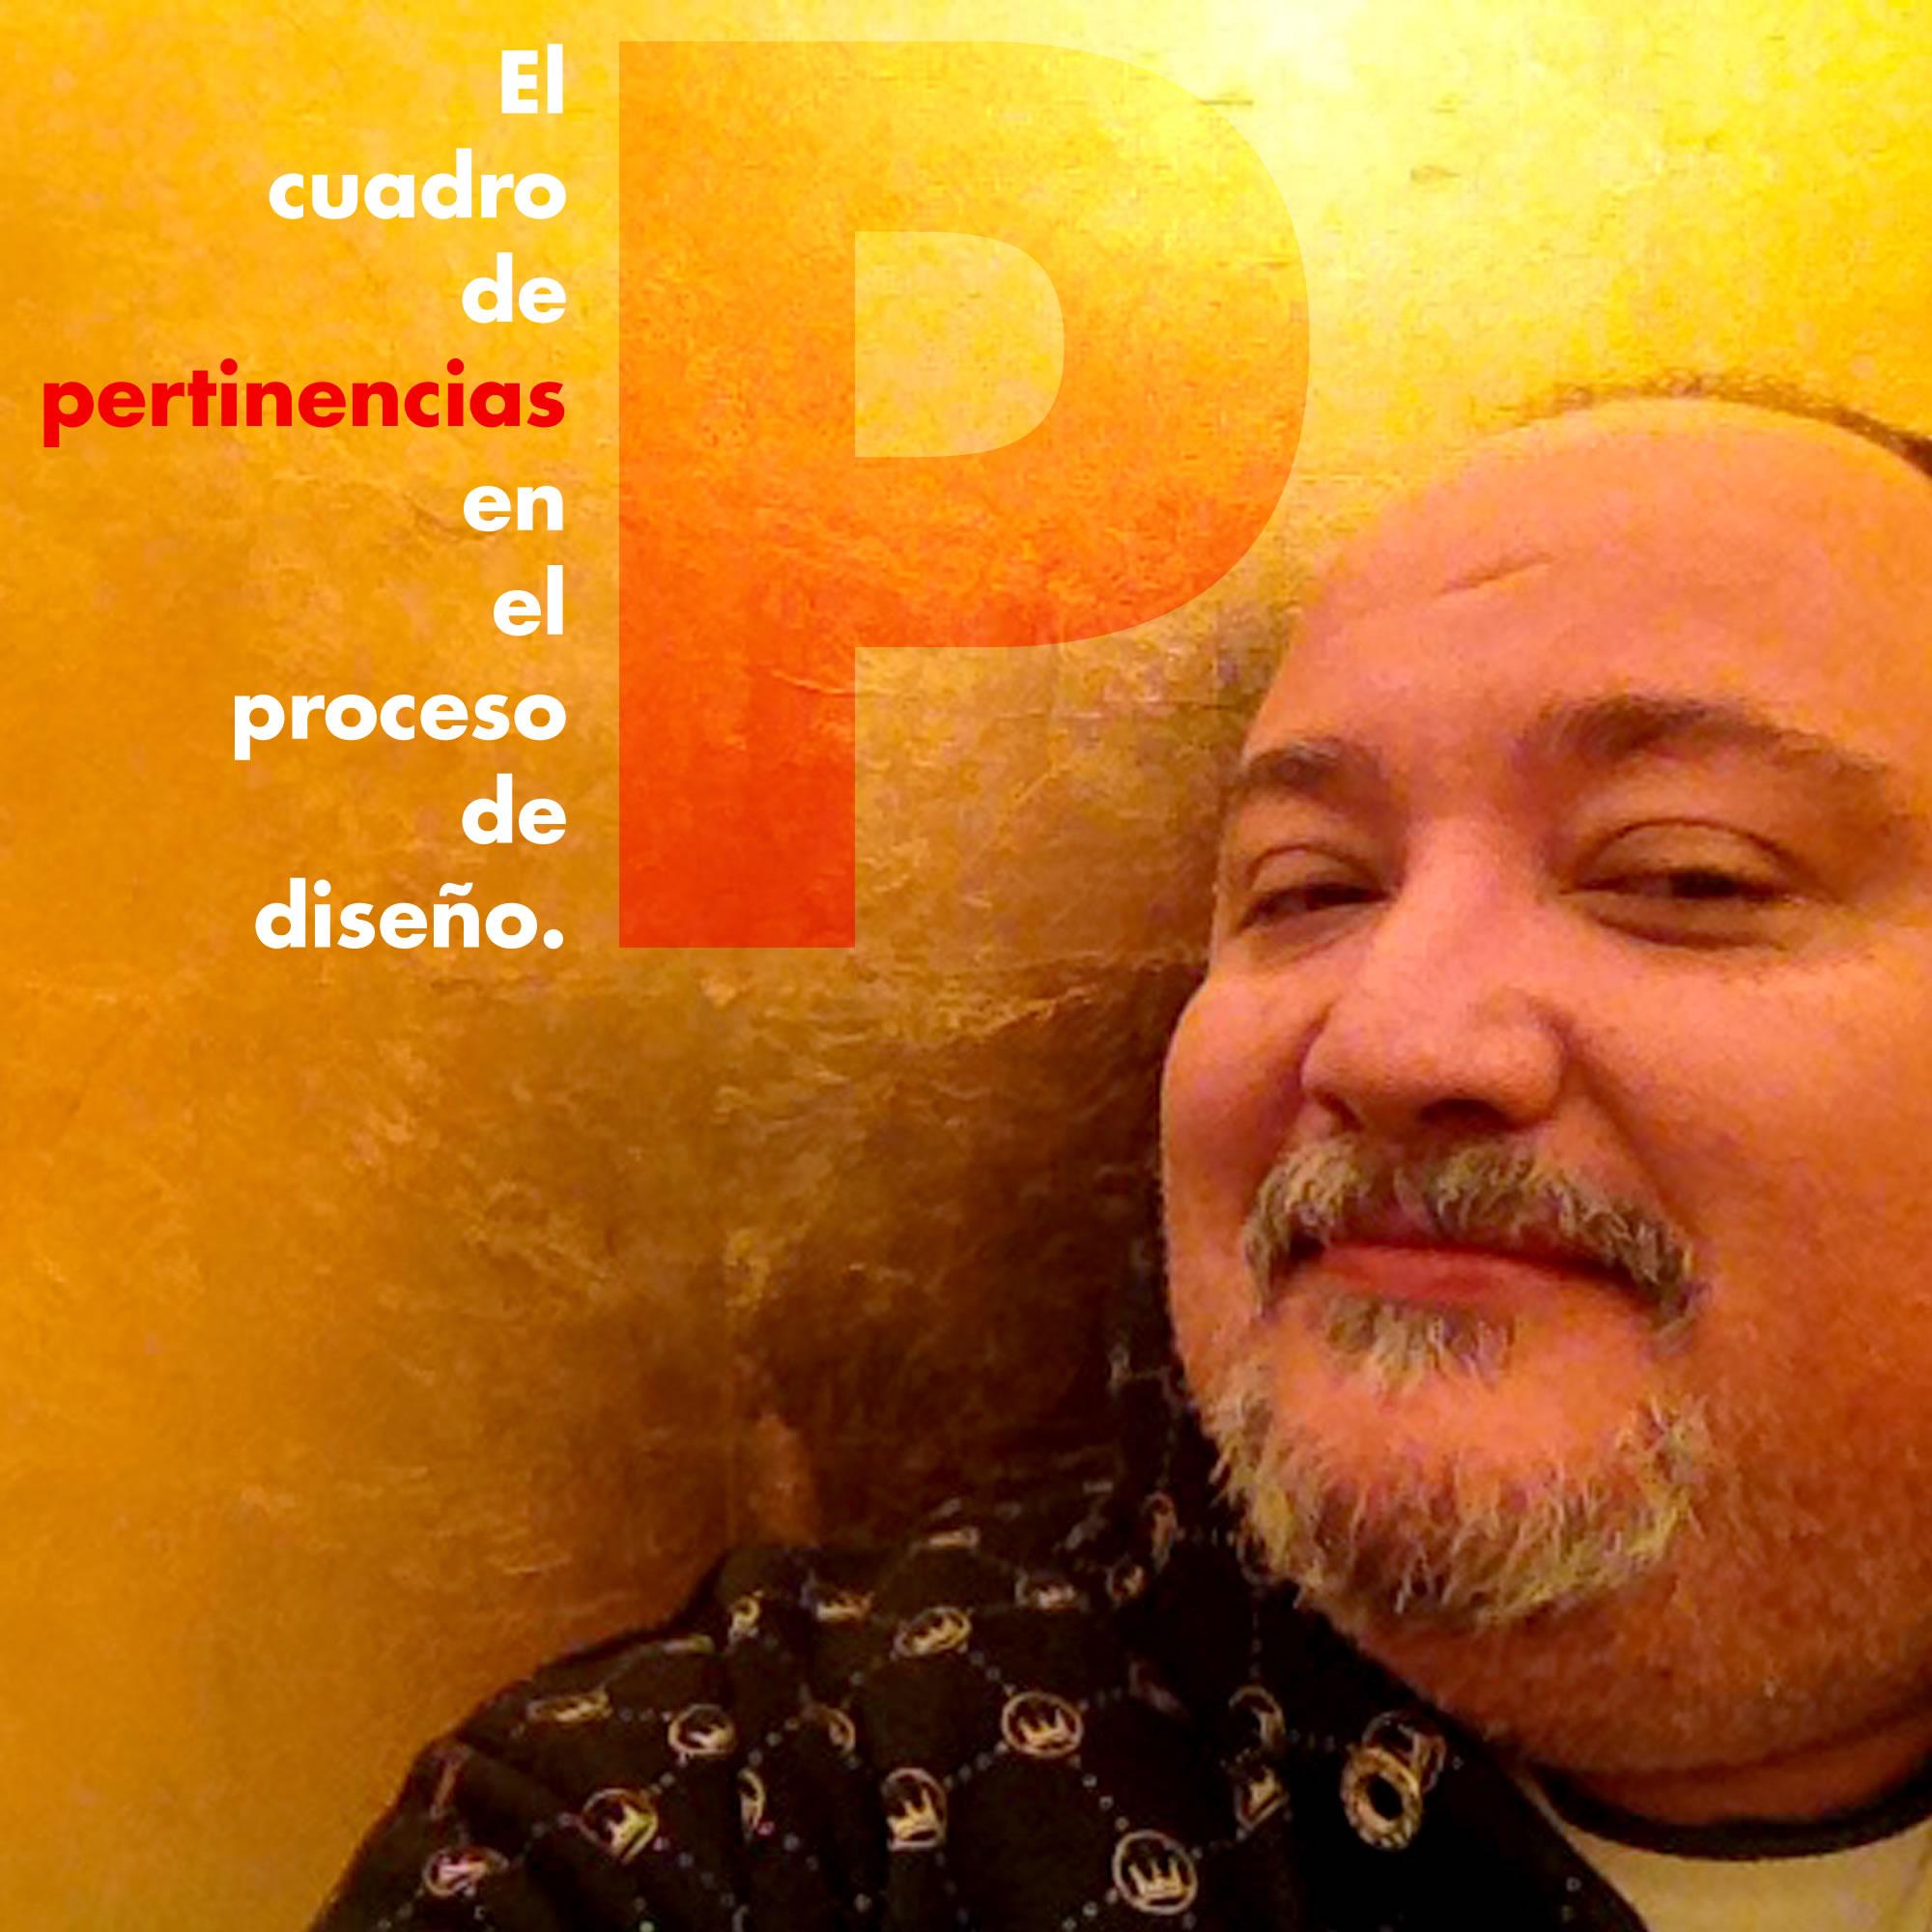 56 - NO seas impertinente el cuadro de pertinencias en el proceso de diseño y creatividad by patogiacomino